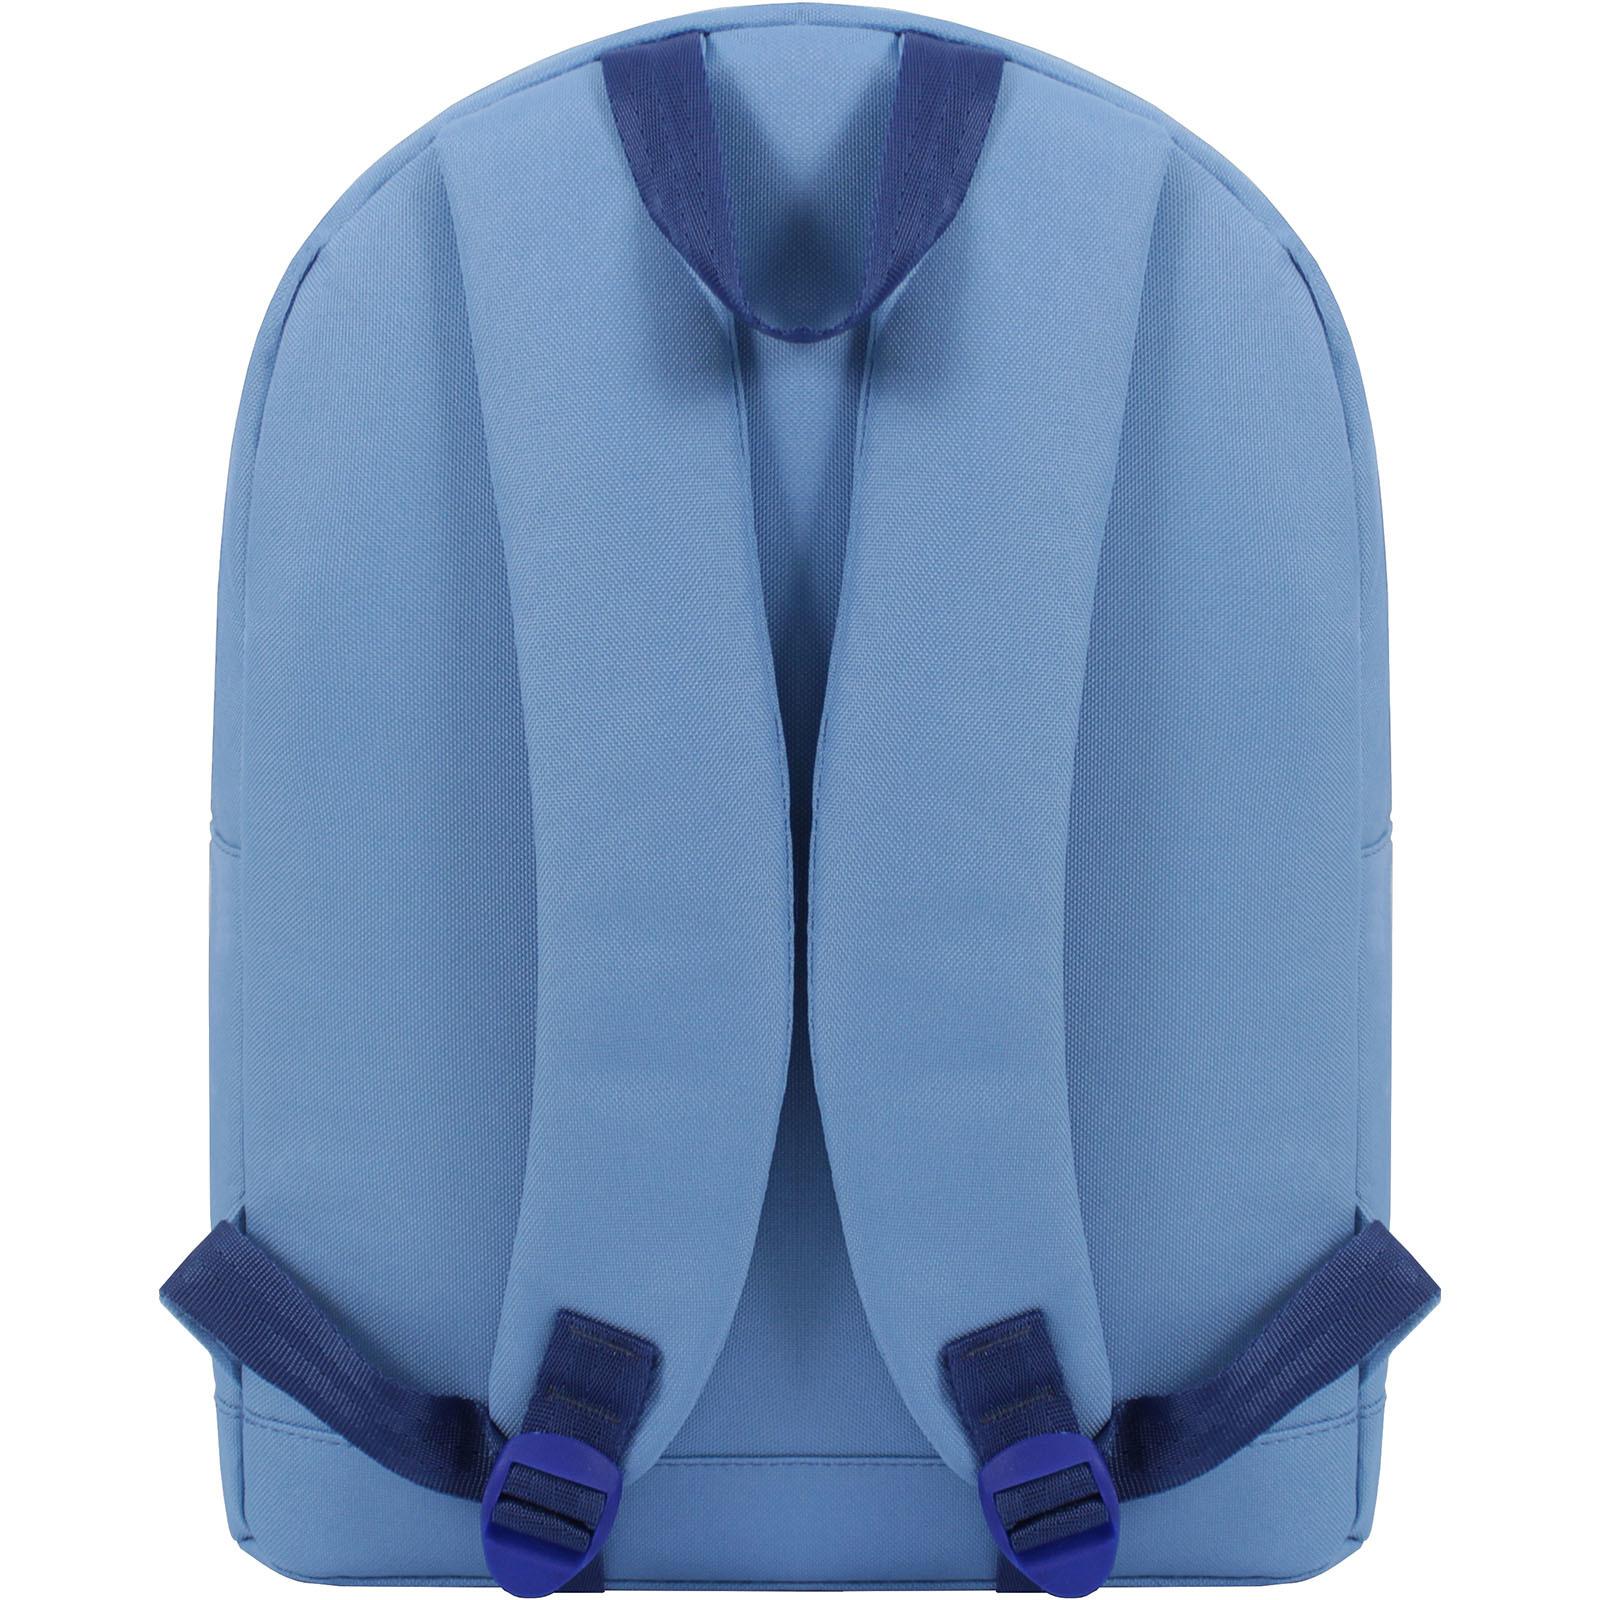 Рюкзак Bagland Молодежный W/R 17 л. голубой (00533662) фото 3